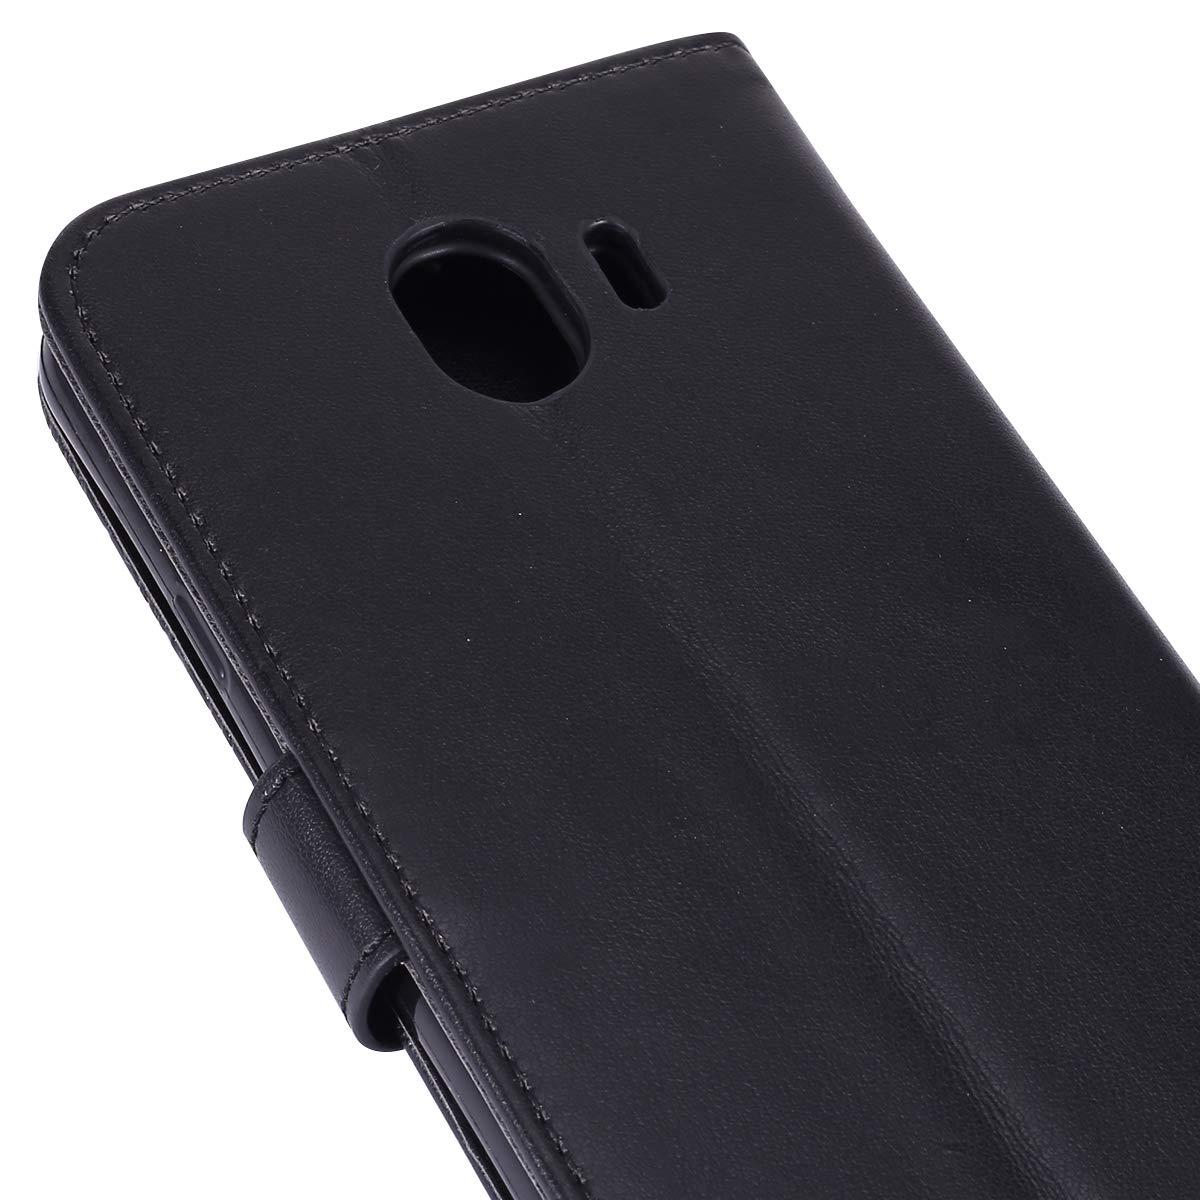 MoreChioce compatible avec Coque Samsung Galaxy J4 2018 Housse avec Rabat,Premium Fleur Dentelle Pourpre Clapet Case Portefeuille en Cuir Bookstyle Protective Flip Case Magn/étique avec Support